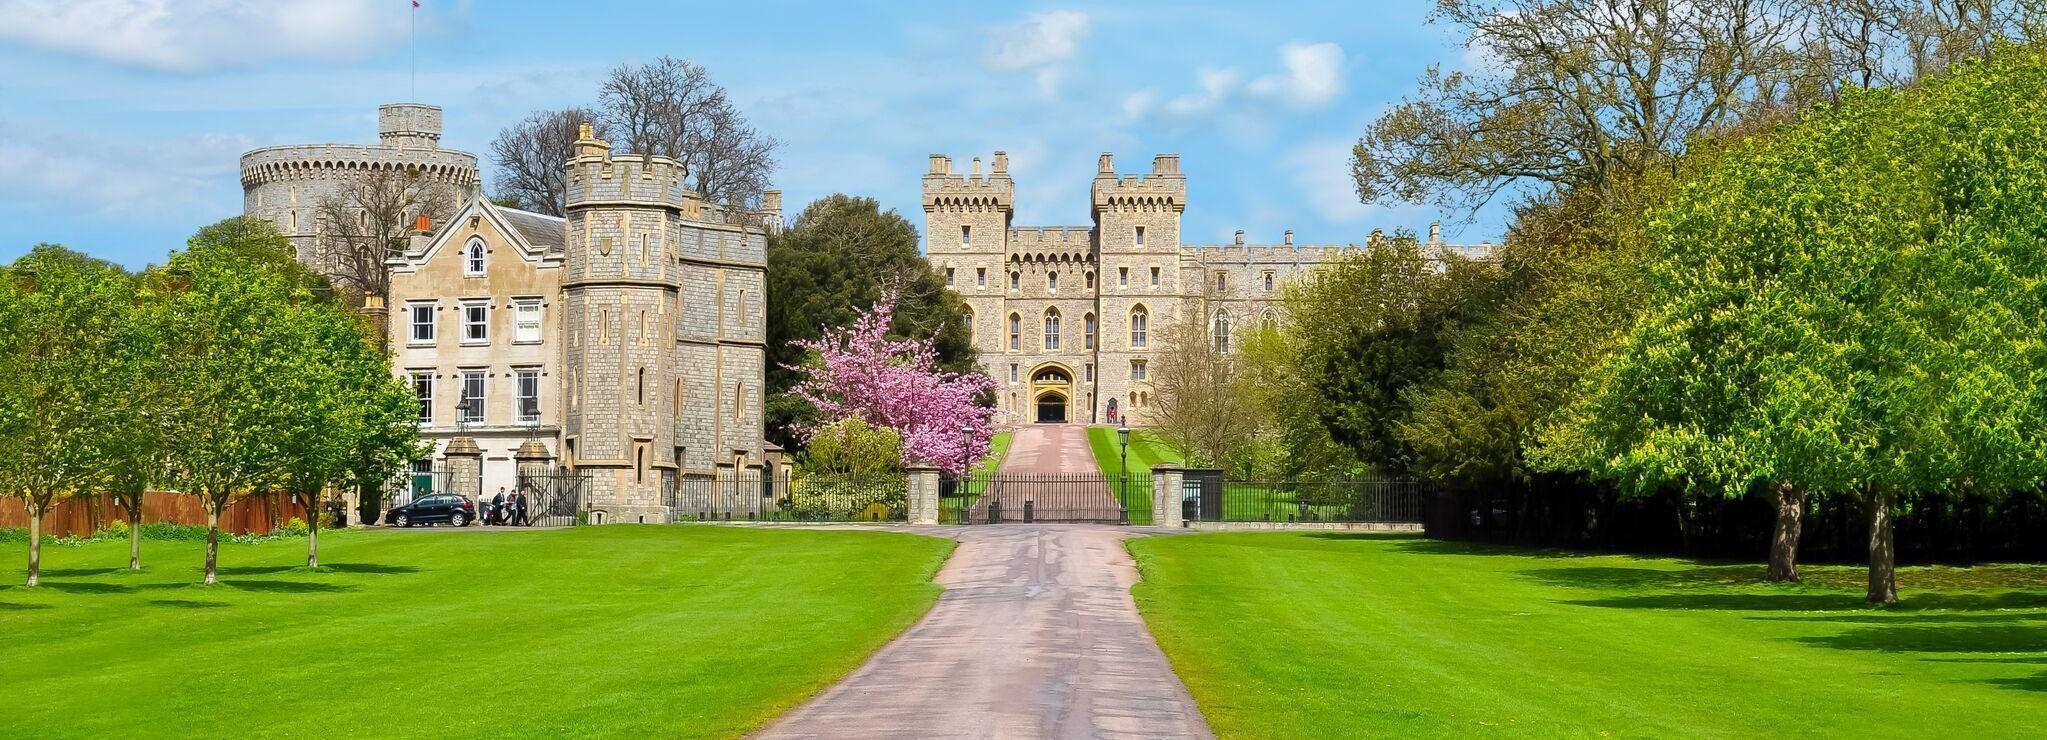 Desde Londres: tour a Stonehenge, Windsor y Bath en autobús